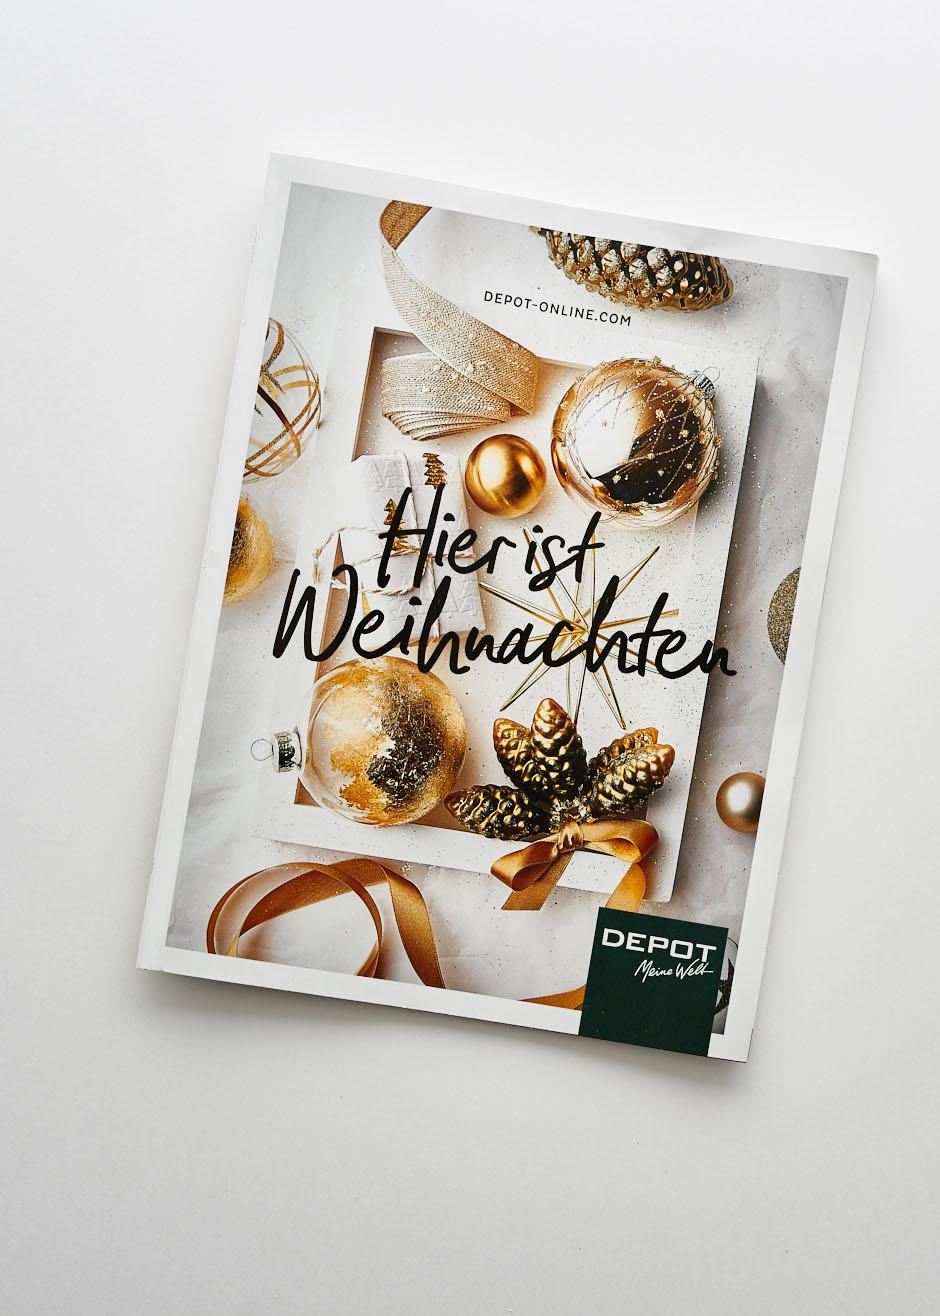 Fotografie Weihnachts-Flyer für DEPOT Weihnachten 2017